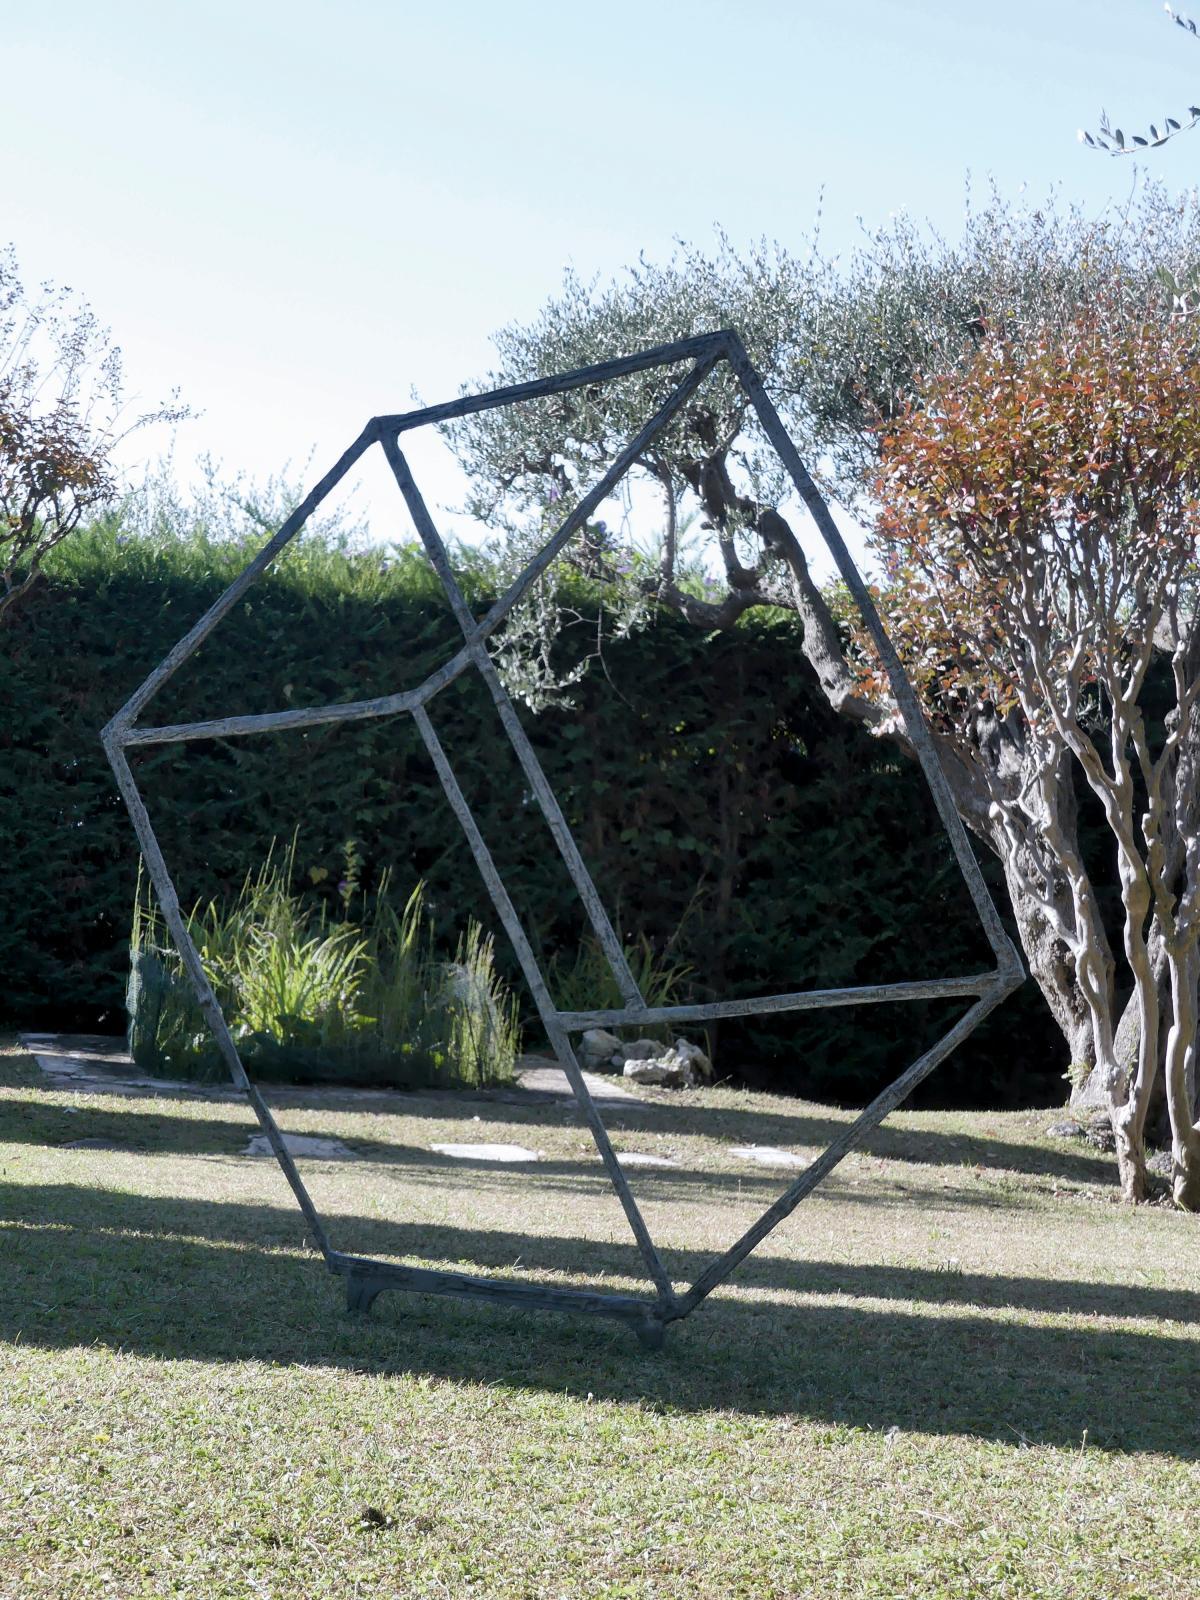 Le travail exigeant du sculpteur Bruno Romeda, adepte des formes géométriques et simplifiées, se laissait apprivoiser grâce, en particulie